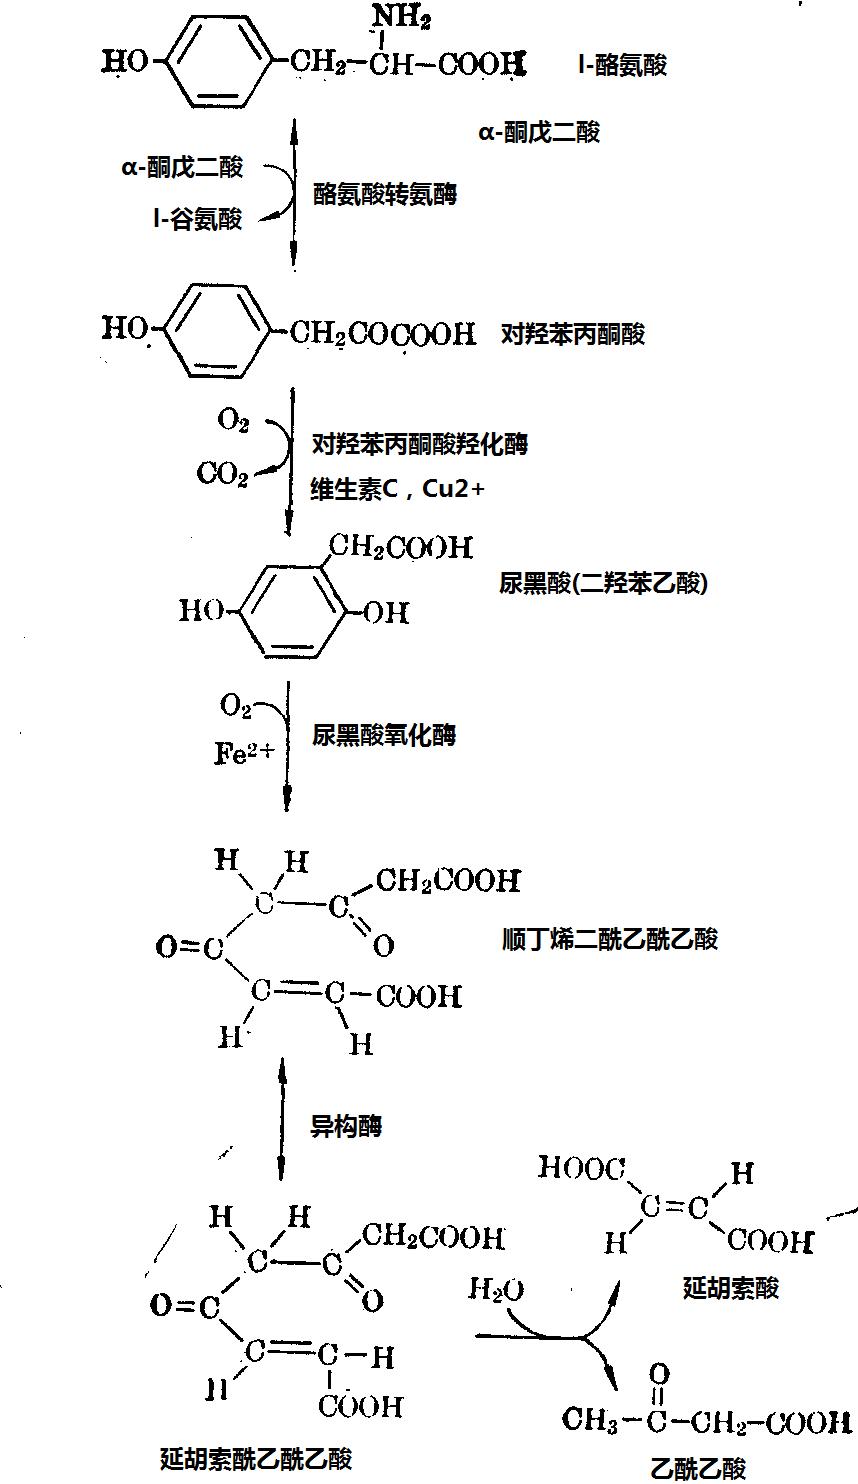 酪氨酸在人体代谢过程图